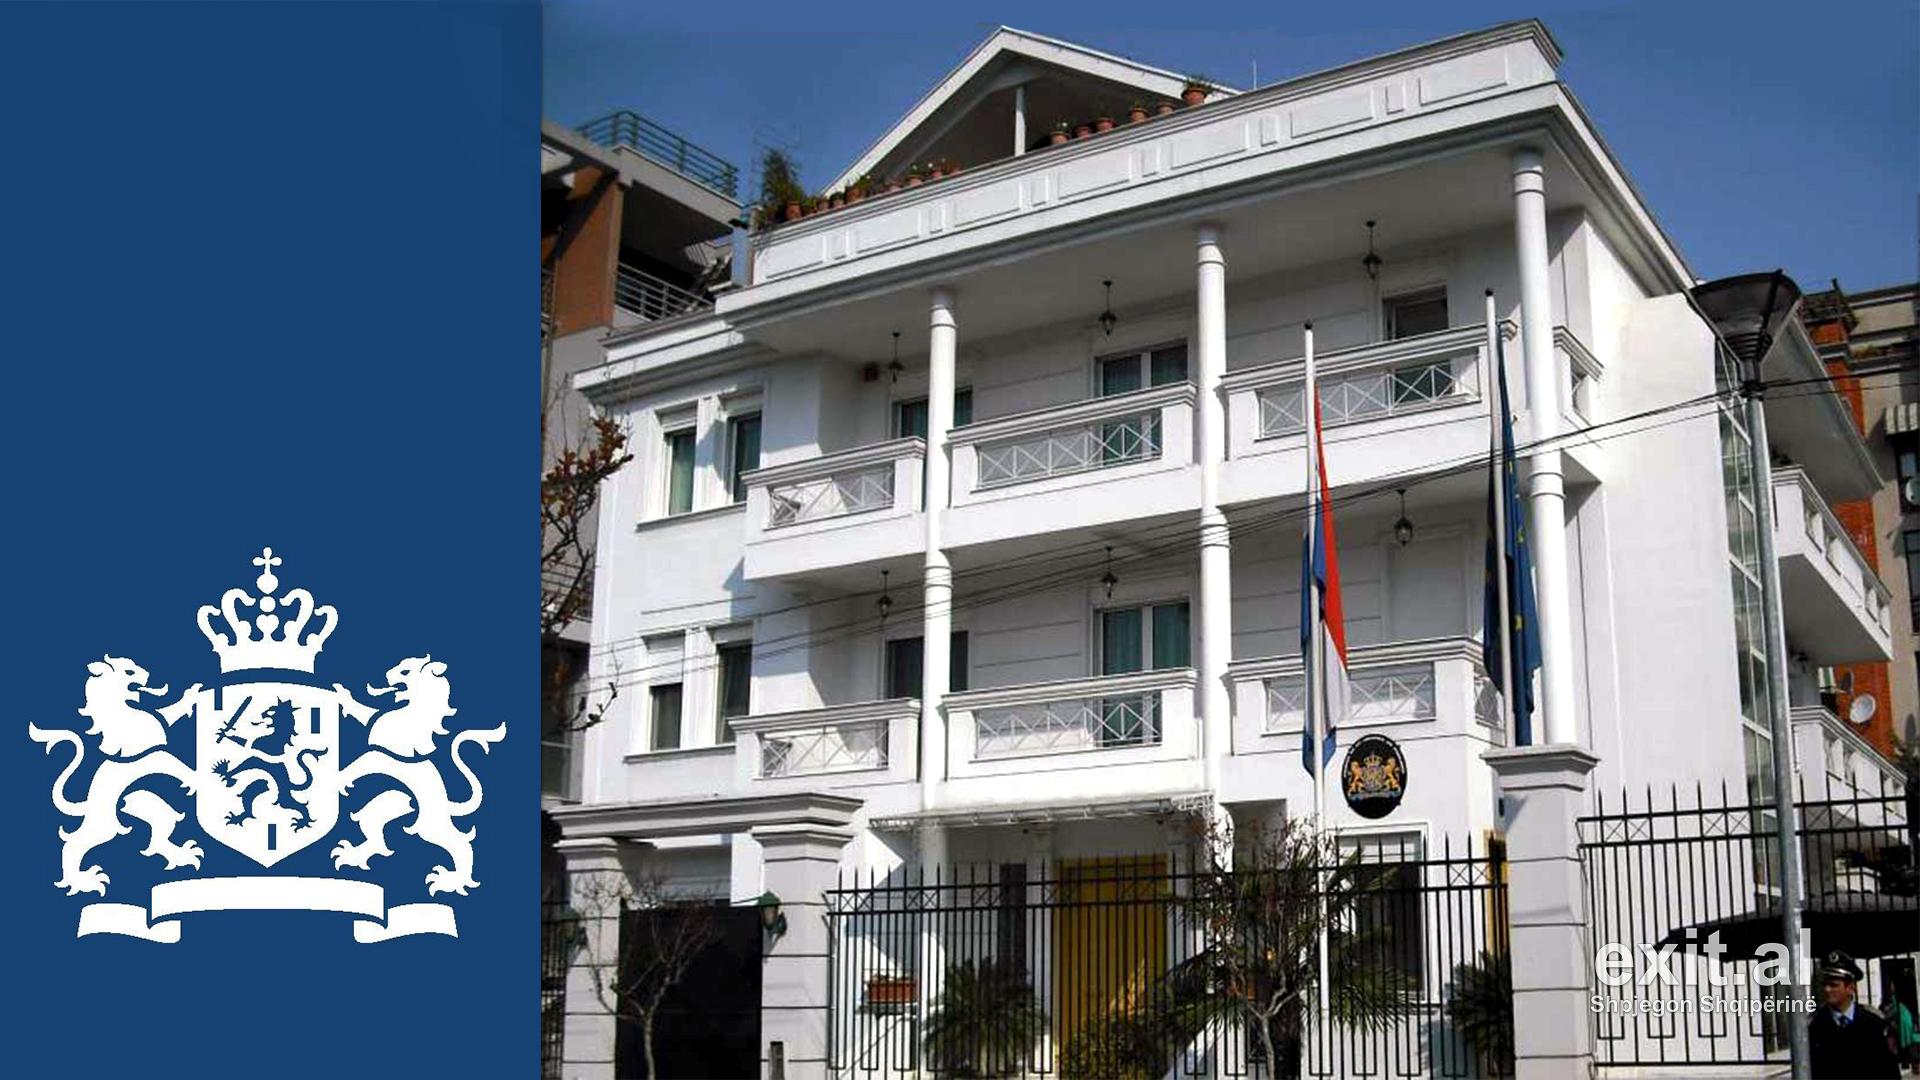 Holanda: Shqipëria dhe Maqedonia e Veriut të trajtohen të ndara